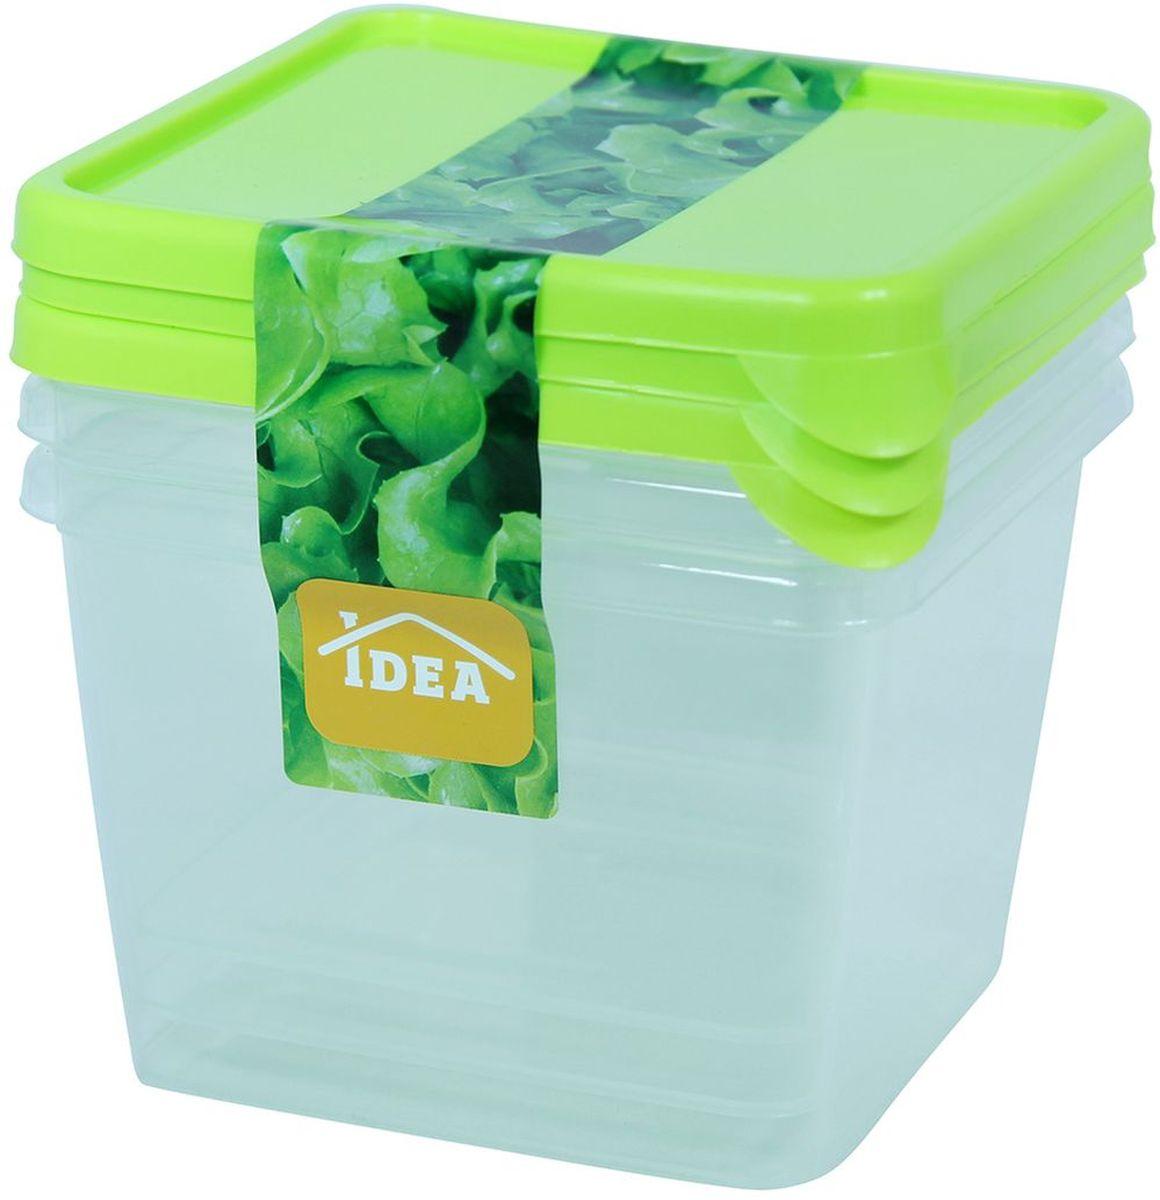 Набор контейнеров Idea, 750 мл, 3 шт. М 1444М 1444Набор Idea состоит из 3 контейнеров, выполненных из высококачественного пластика. Изделия идеально подходят для хранения различных продуктов. Набор контейнеров Idea можно мыть в посудомоечной машине. Можно использовать в микроволной печи и холодильнике.